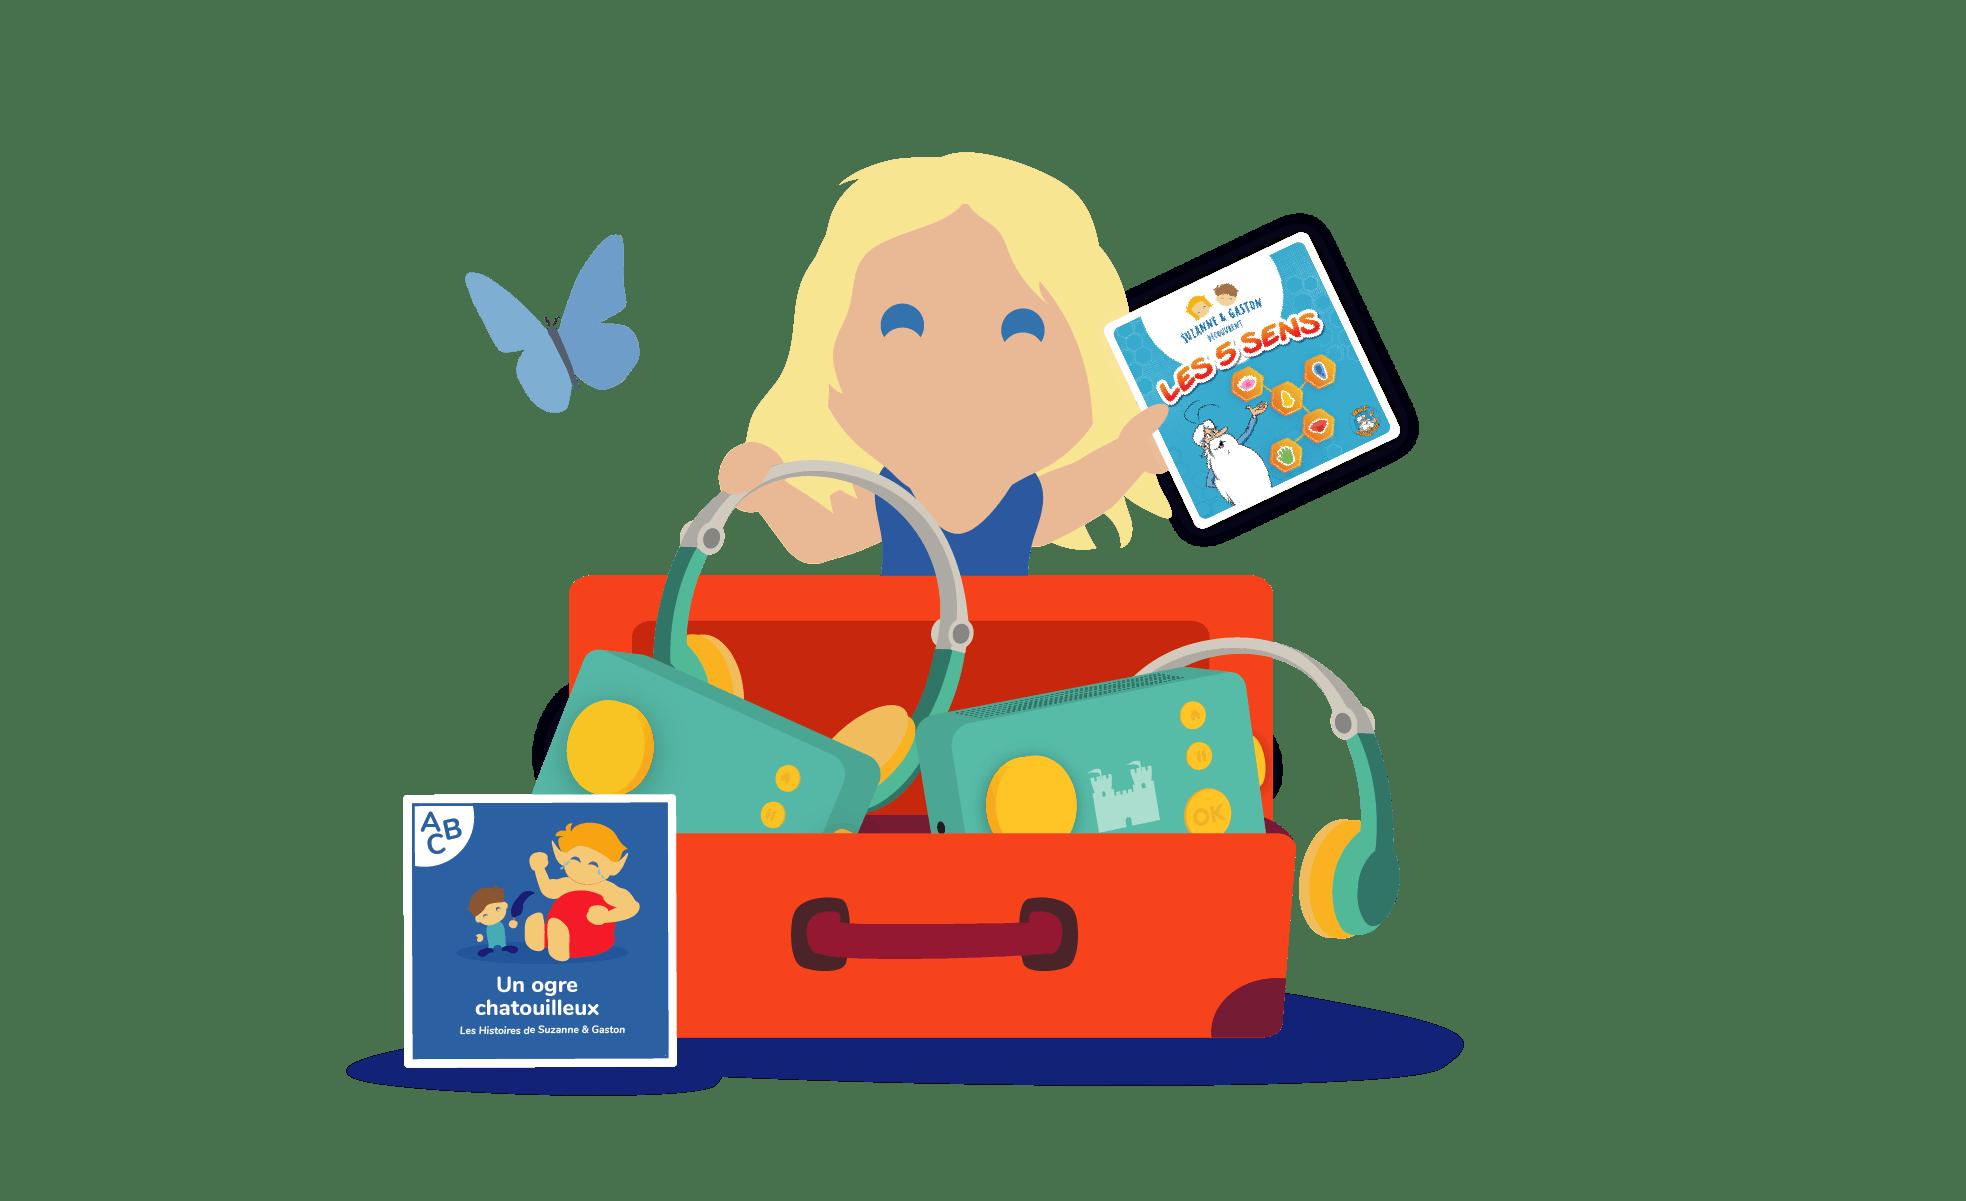 Offre Lunii et les écoles contenu pédagogique